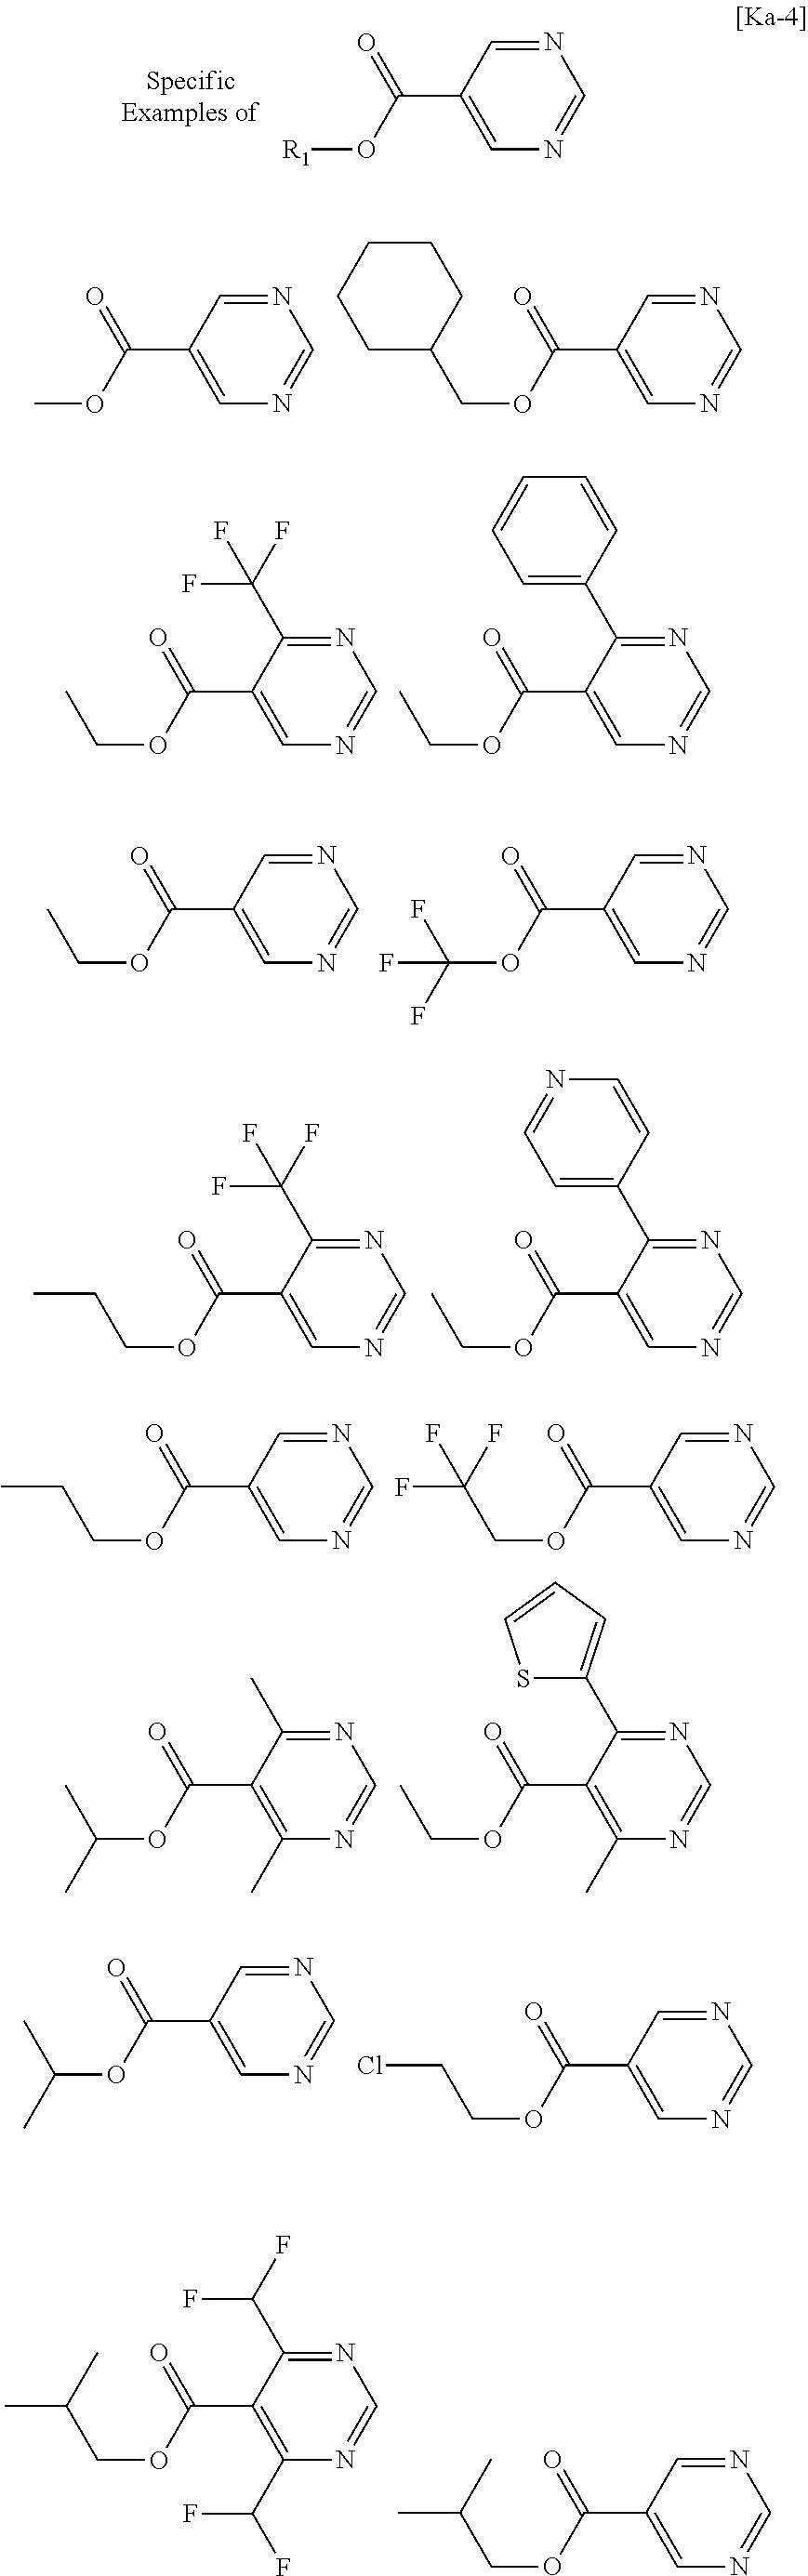 Figure US20100015382A1-20100121-C00005